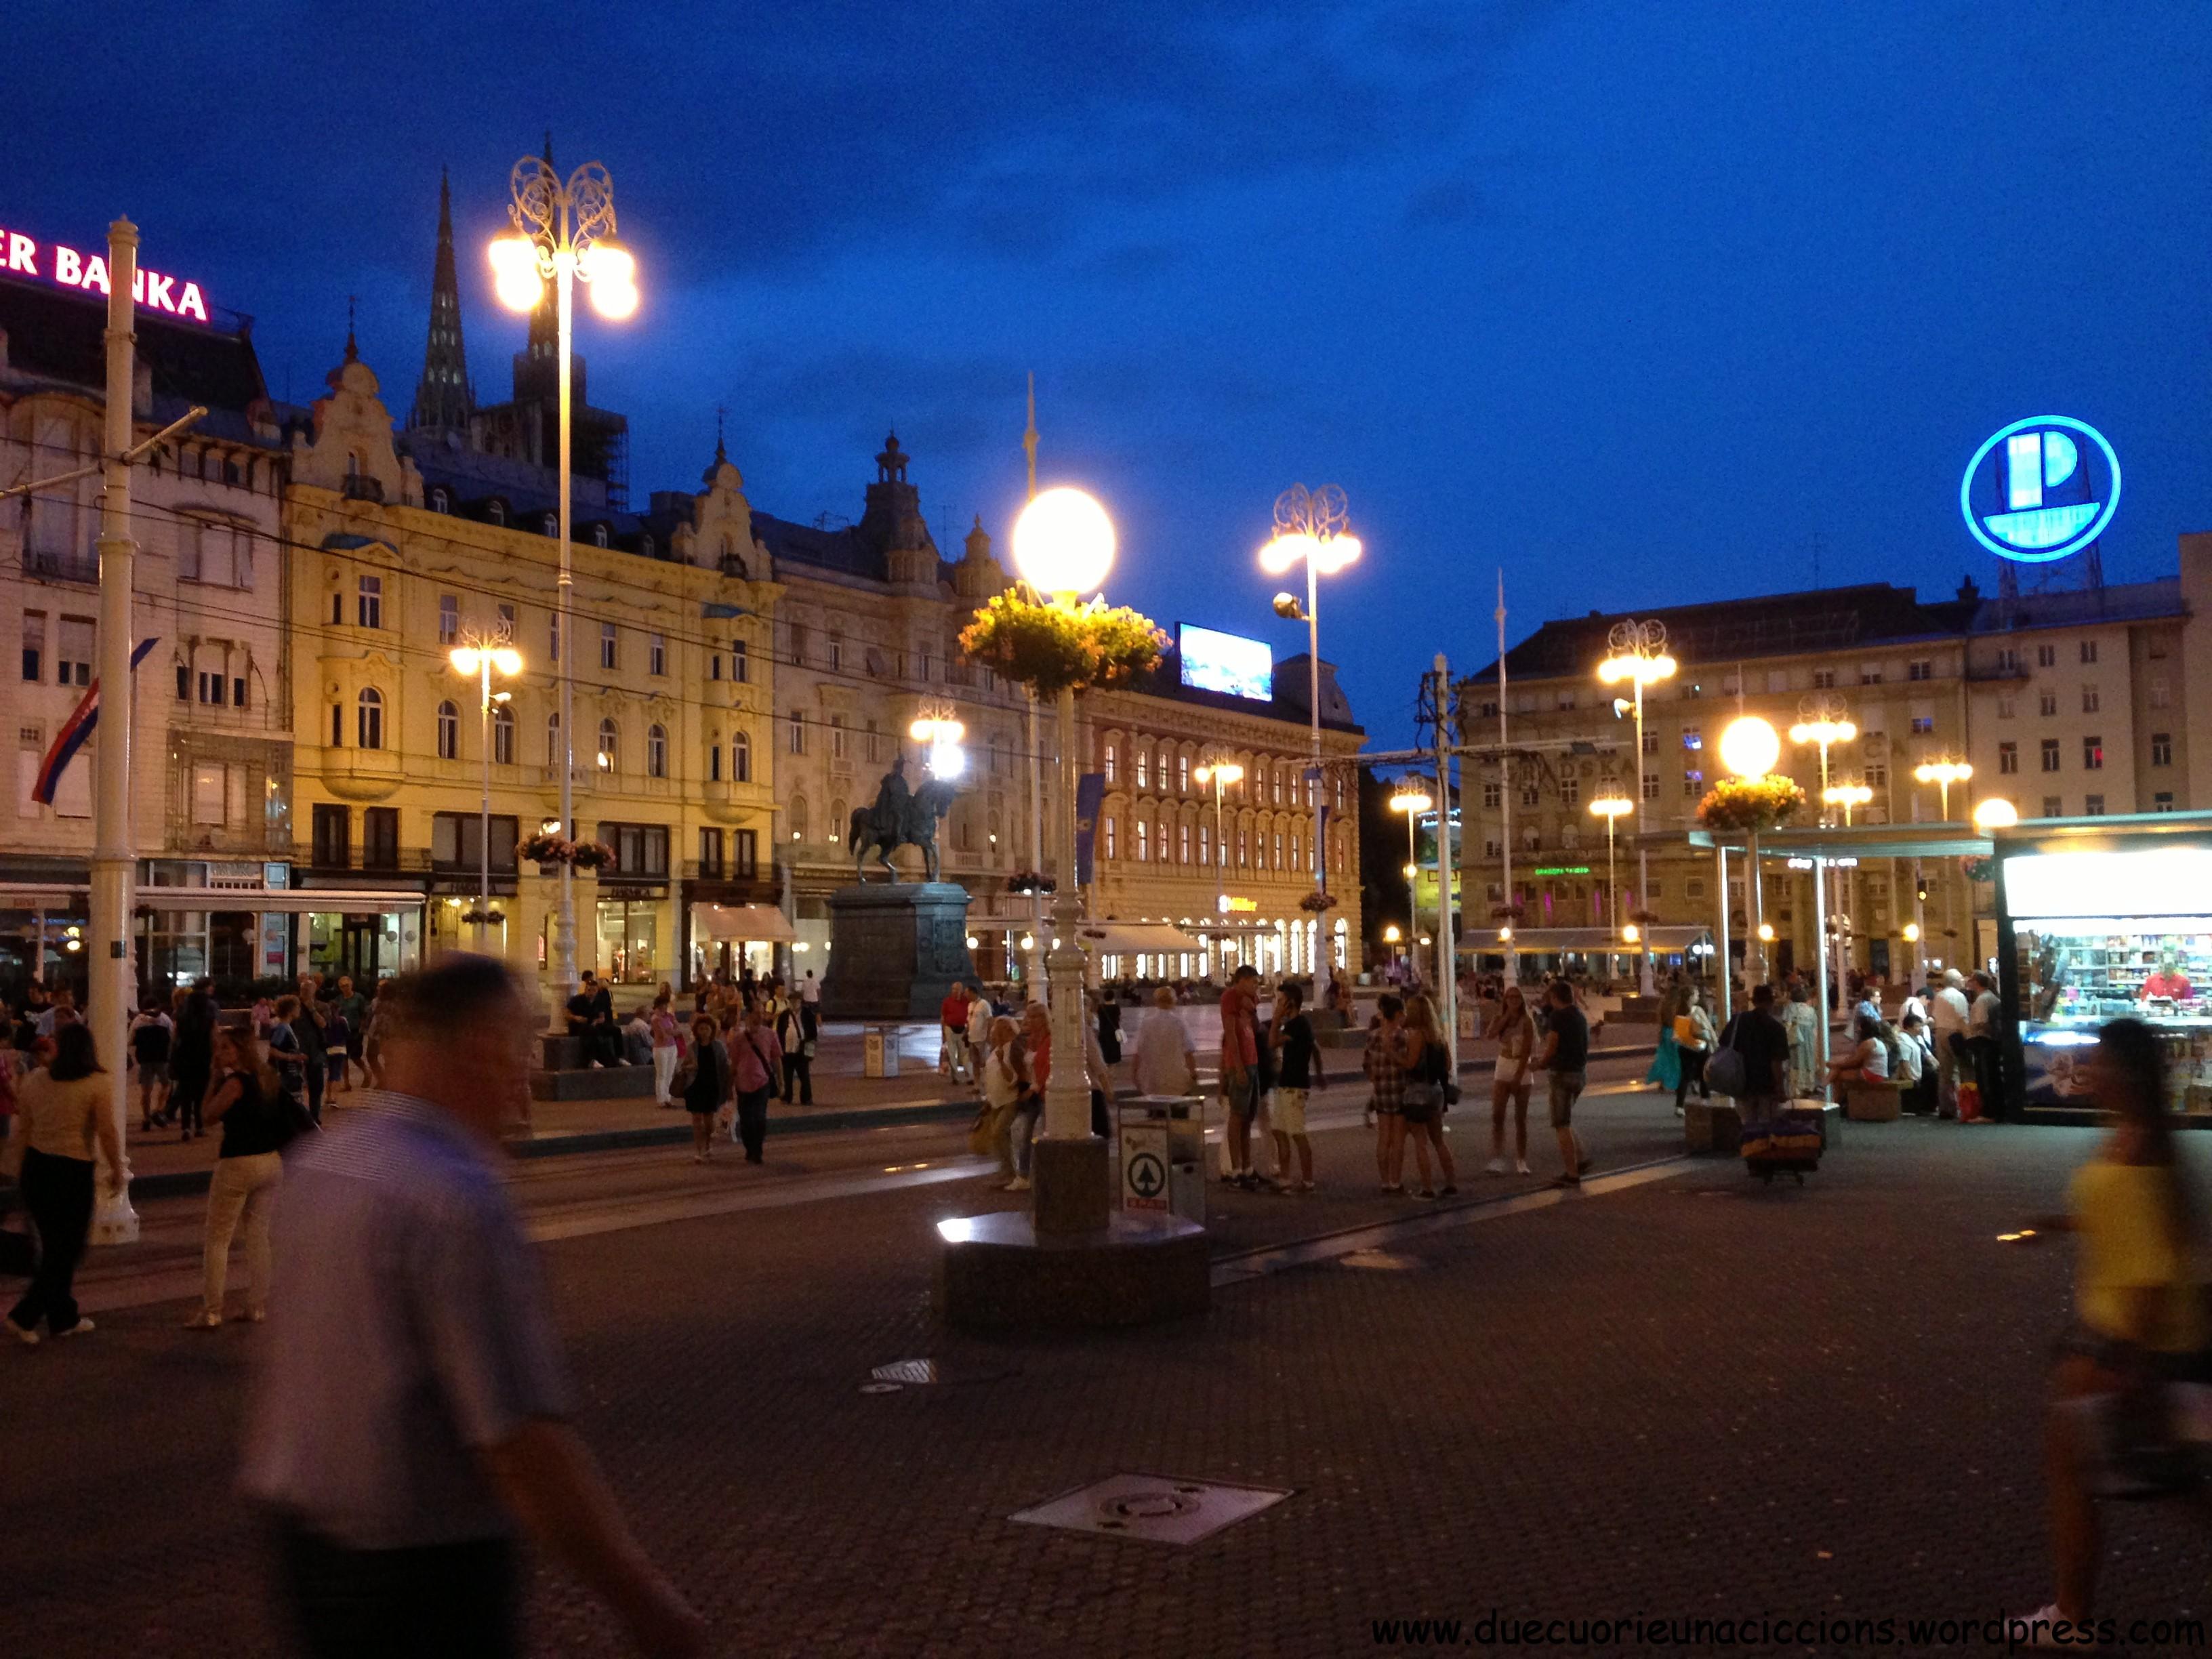 piazza jelacic square